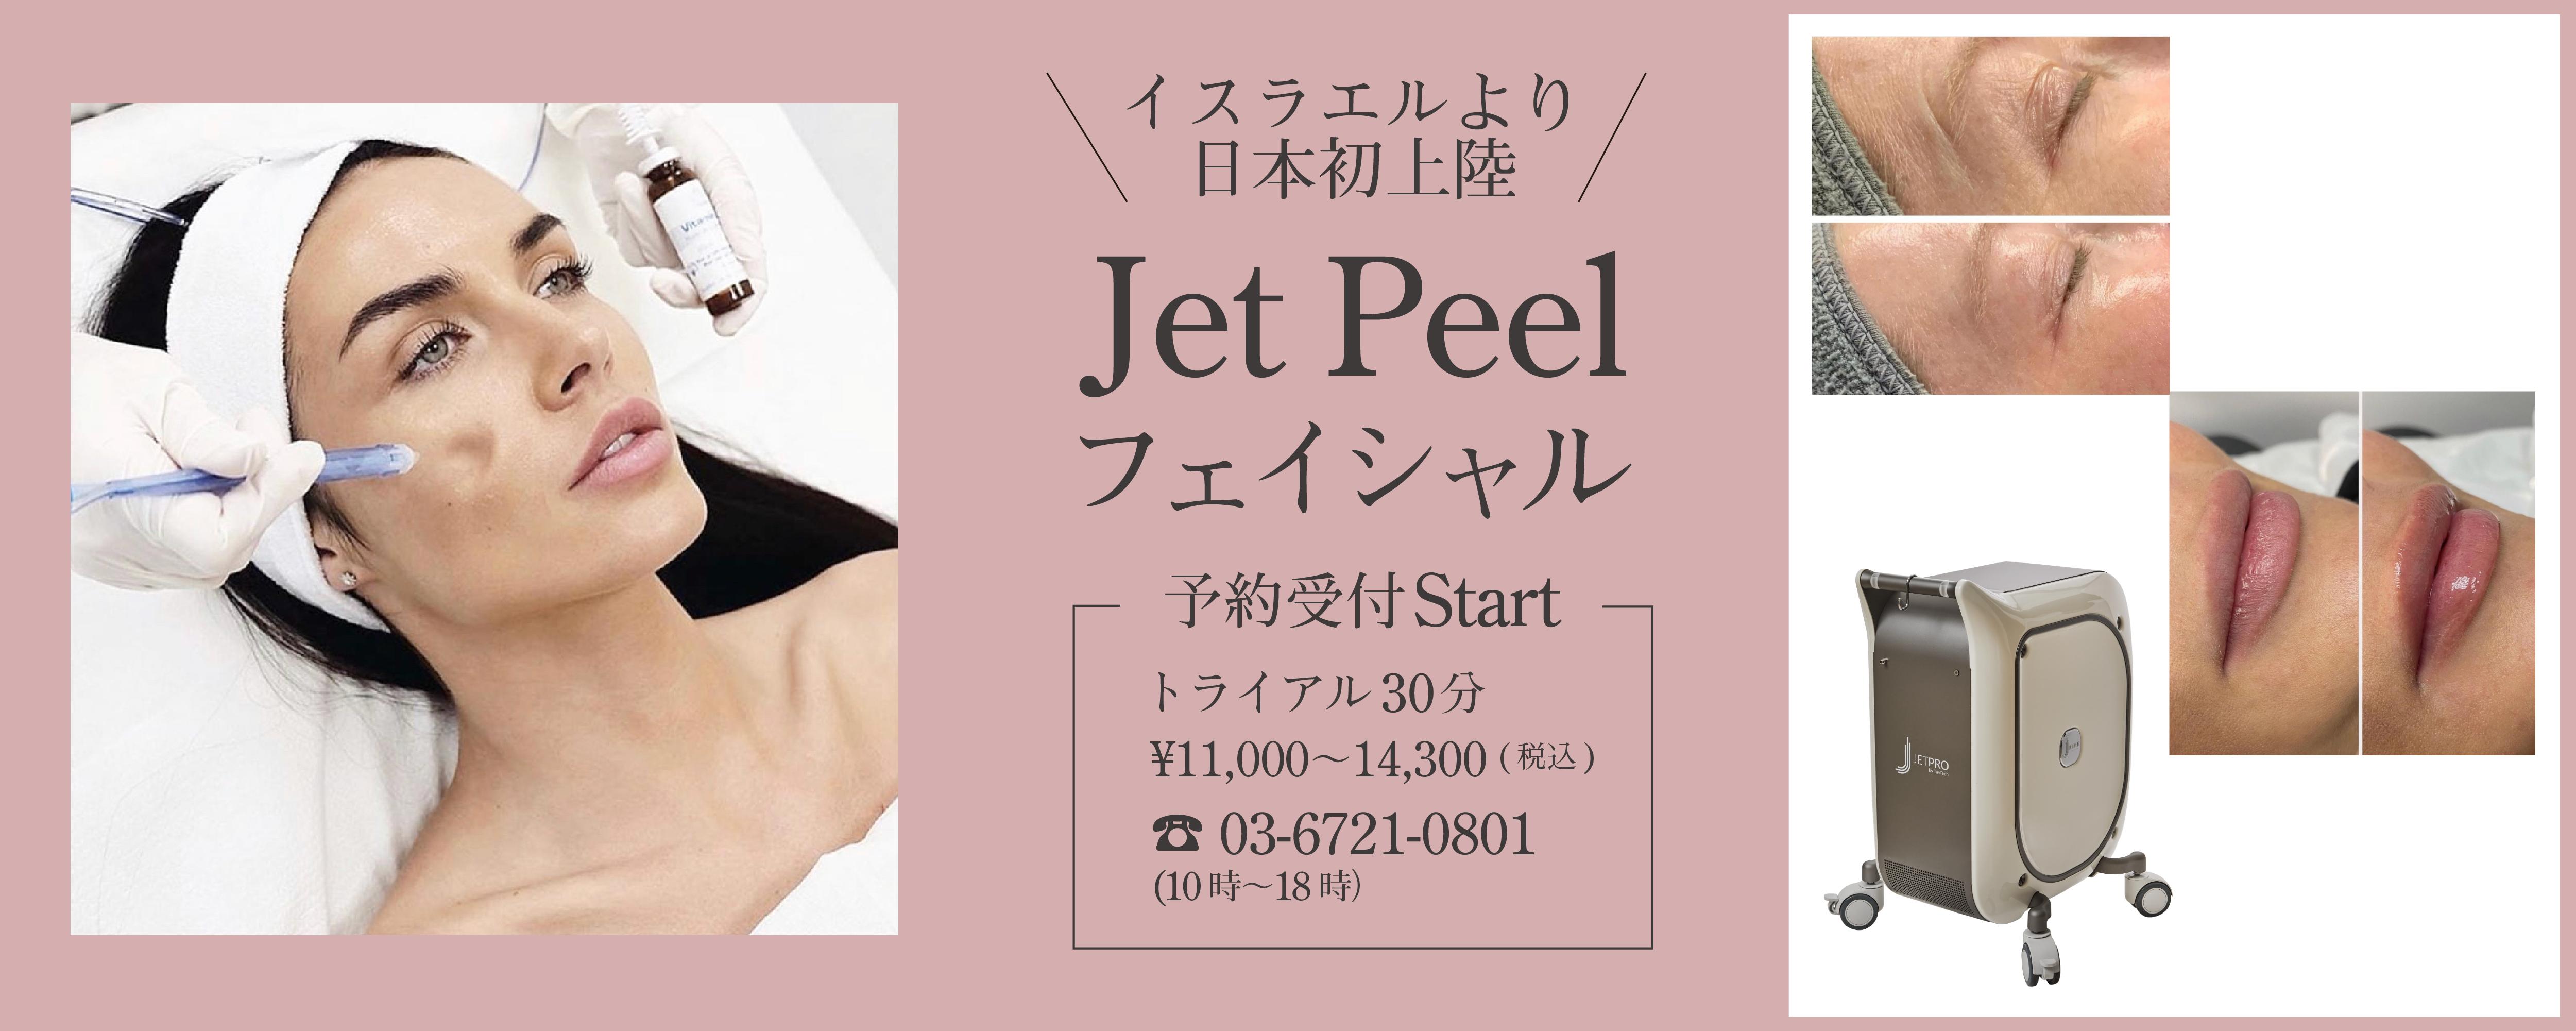 Jet Peel フェイシャル トライアル